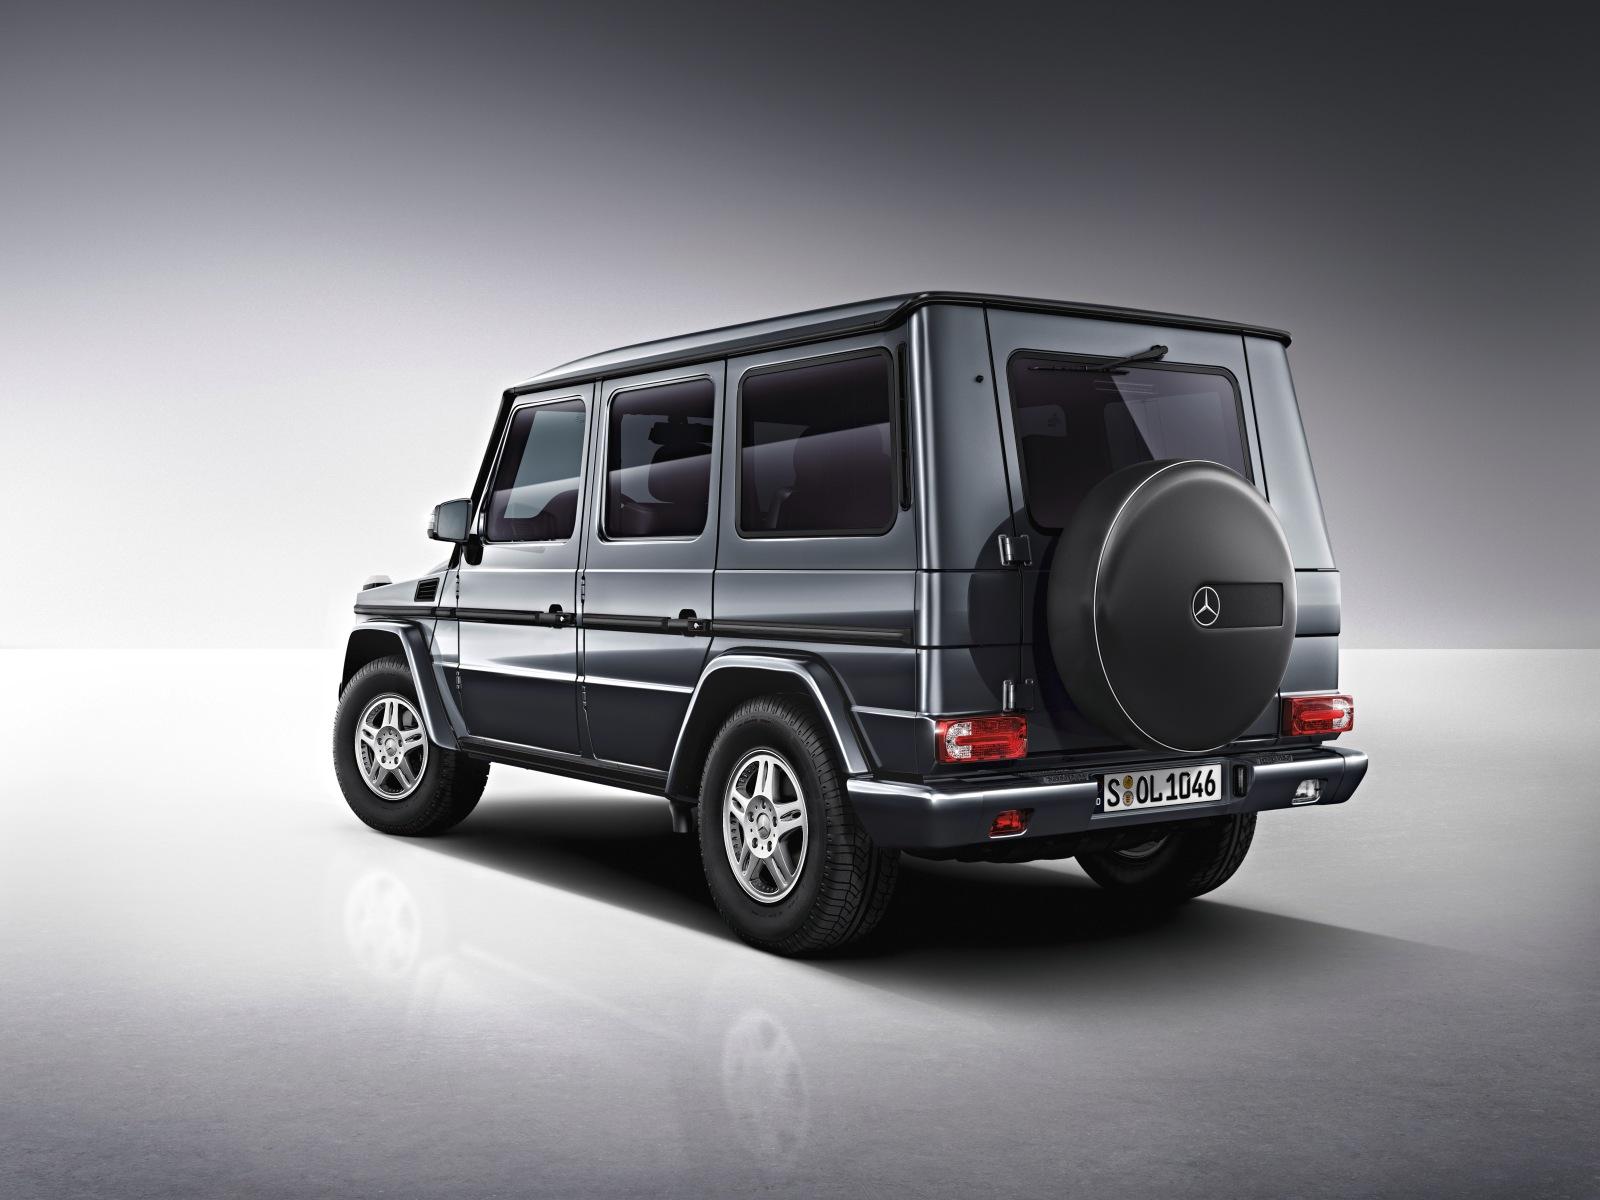 Mercedes Benz Classe G para quem gosta de aventura